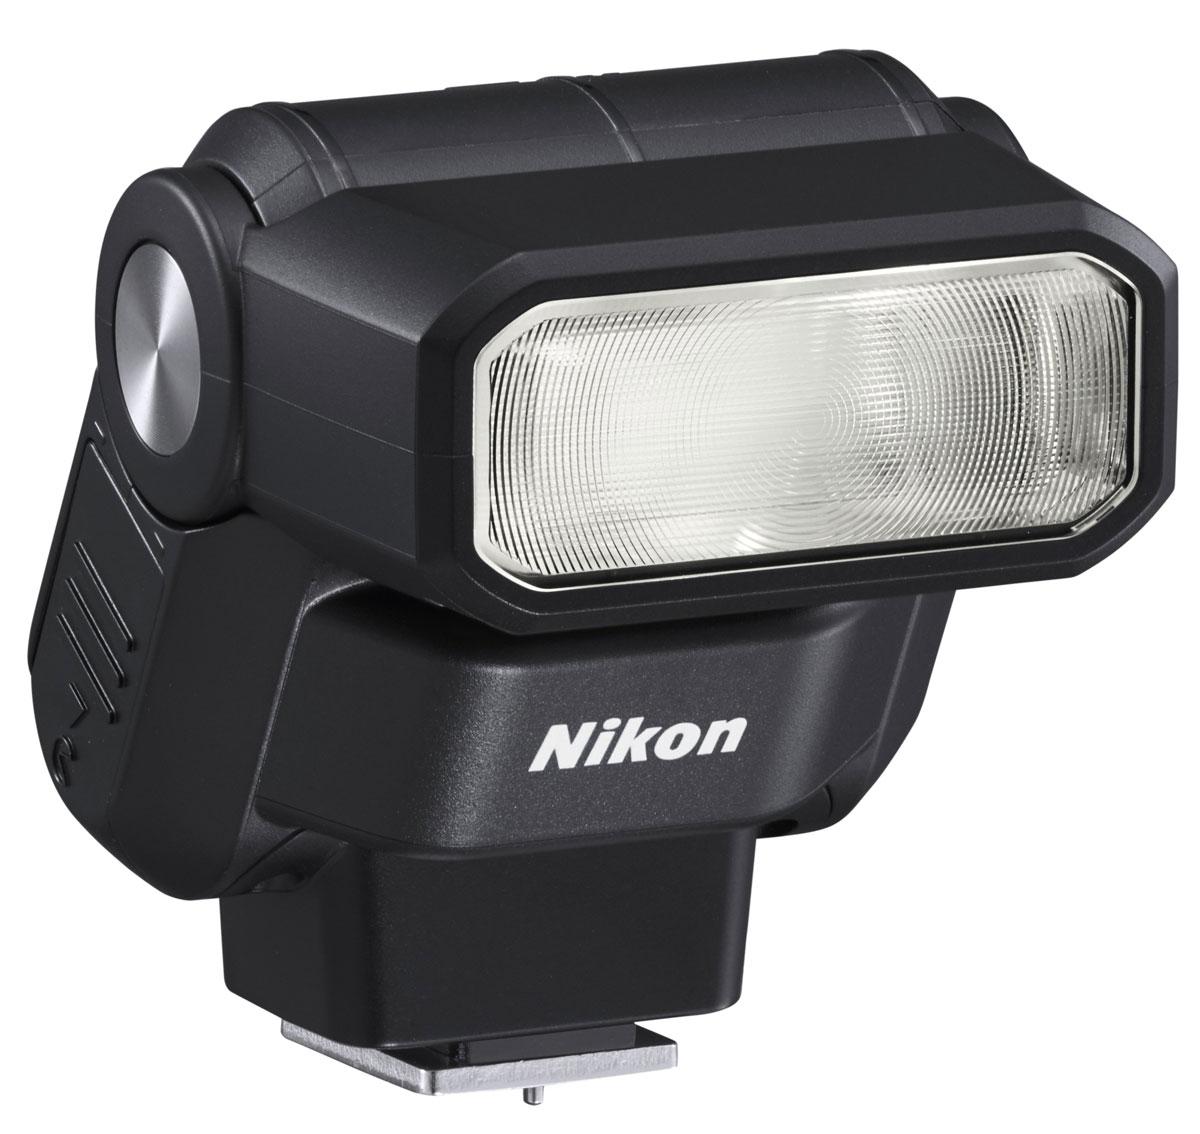 Nikon Speedlight SB-300 фотовспышкаFSA04101Простая в эксплуатации универсальная вспышка Nikon Speedlight SB-300 совместима с цифровыми зеркальными фотокамерами Nikon и фотокамерами линейки COOLPIX, которые оснащены башмаком для принадлежностей. Эта компактная и легкая внешняя вспышка идеально подойдет начинающим фотографам: она представляет собой удобный инструмент, дающий возможность контролировать качество и направление света для создания креативных снимков с хорошей освещенностью. Вспышка легко крепится к башмаку для принадлежностей фотокамеры; ее можно поднимать вверх под углом до 120°. Для рассеивания или смягчения потока света можно использовать отражение вспышки от потолка. Вспышка поможет придать дополнительную яркость изображениям, создаваемым при дневном свете, получить более качественные снимки при съемке в сумерках, а также проработать детали объектов при съемке в сложных условиях, когда объекты освещены сзади.